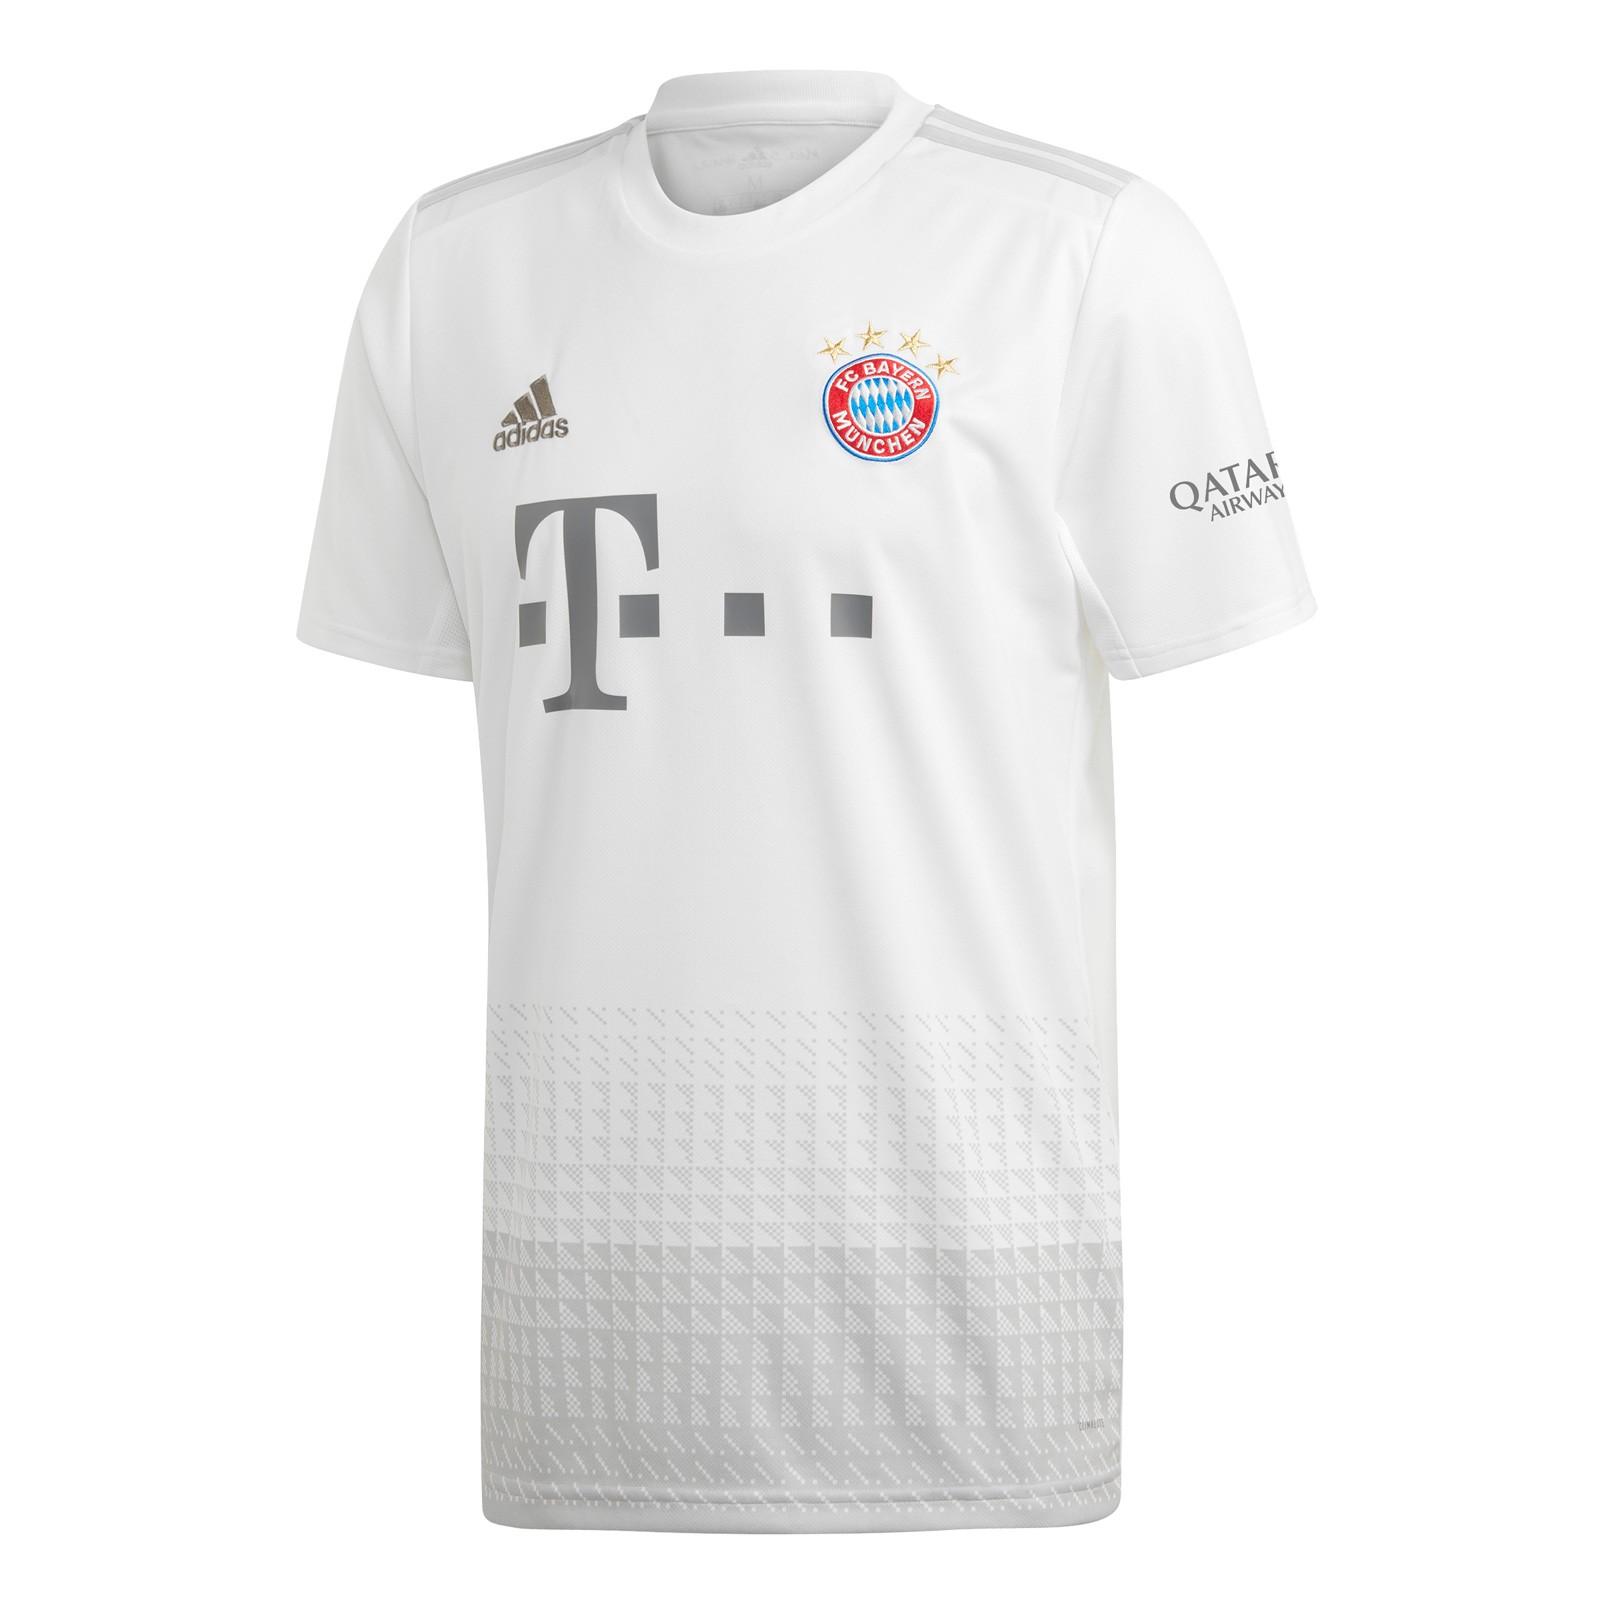 拜仁慕尼黑2019-20赛季球迷版客场球衣